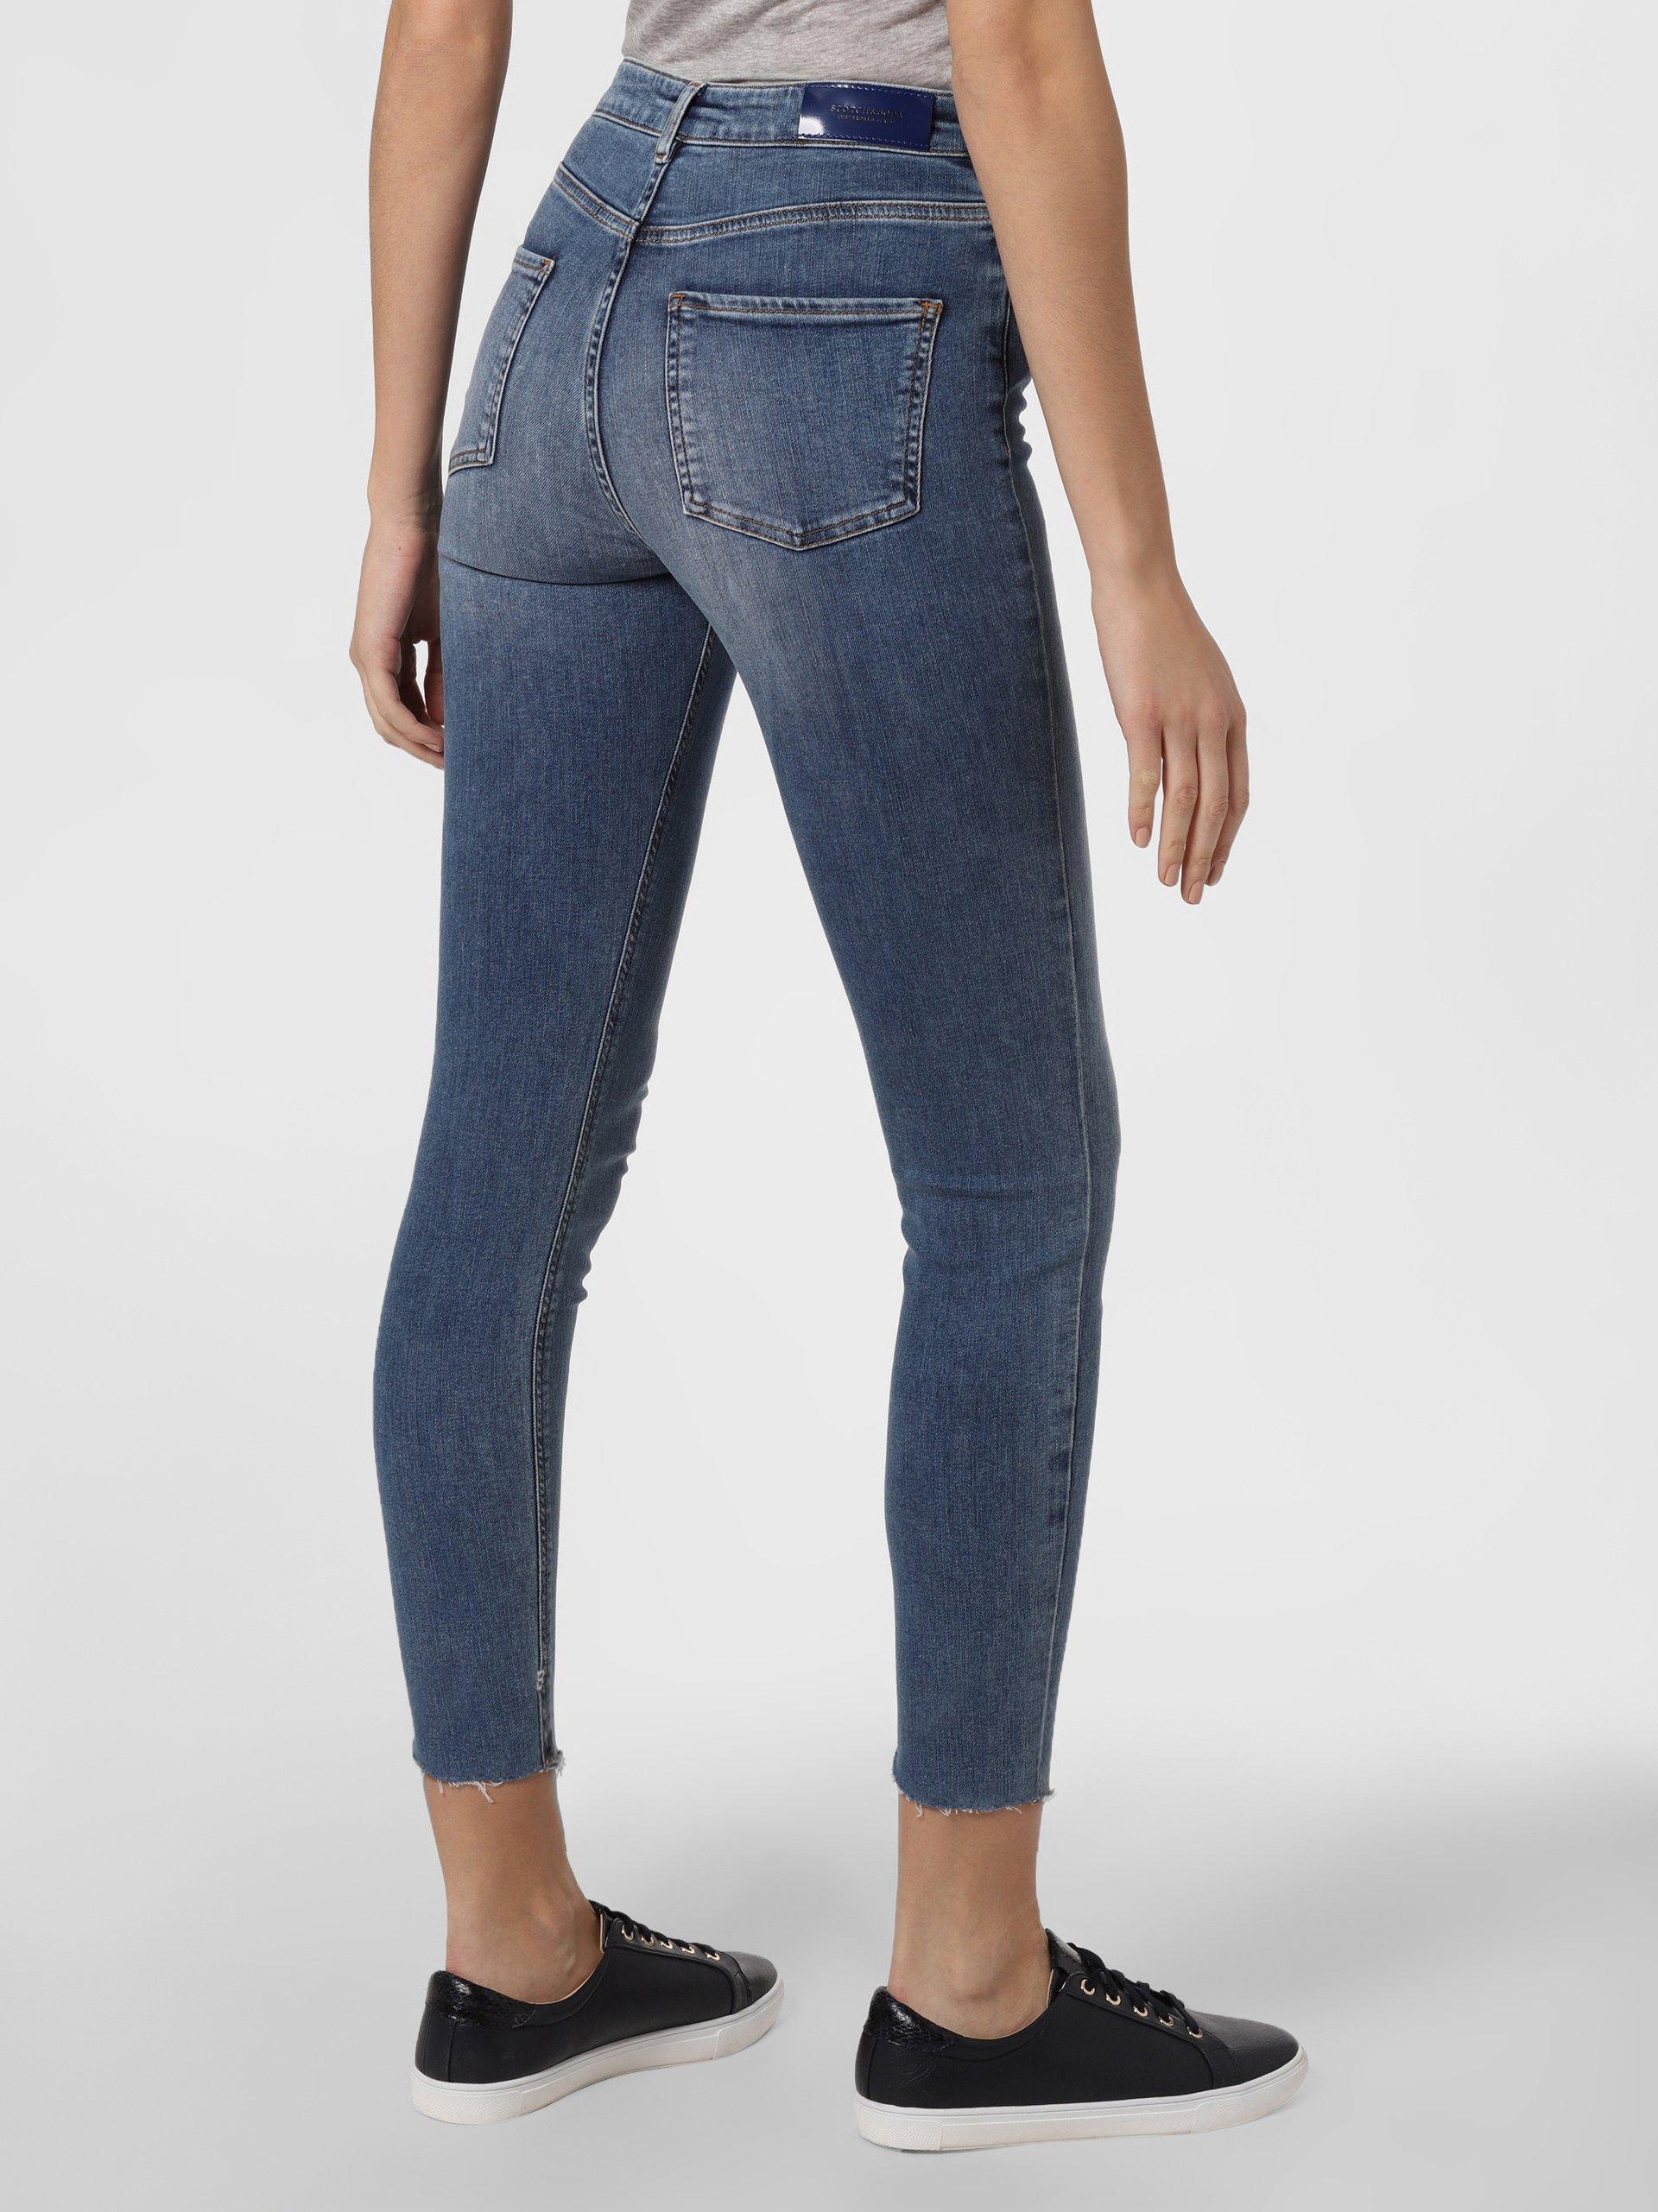 Scotch & Soda Damen Jeans